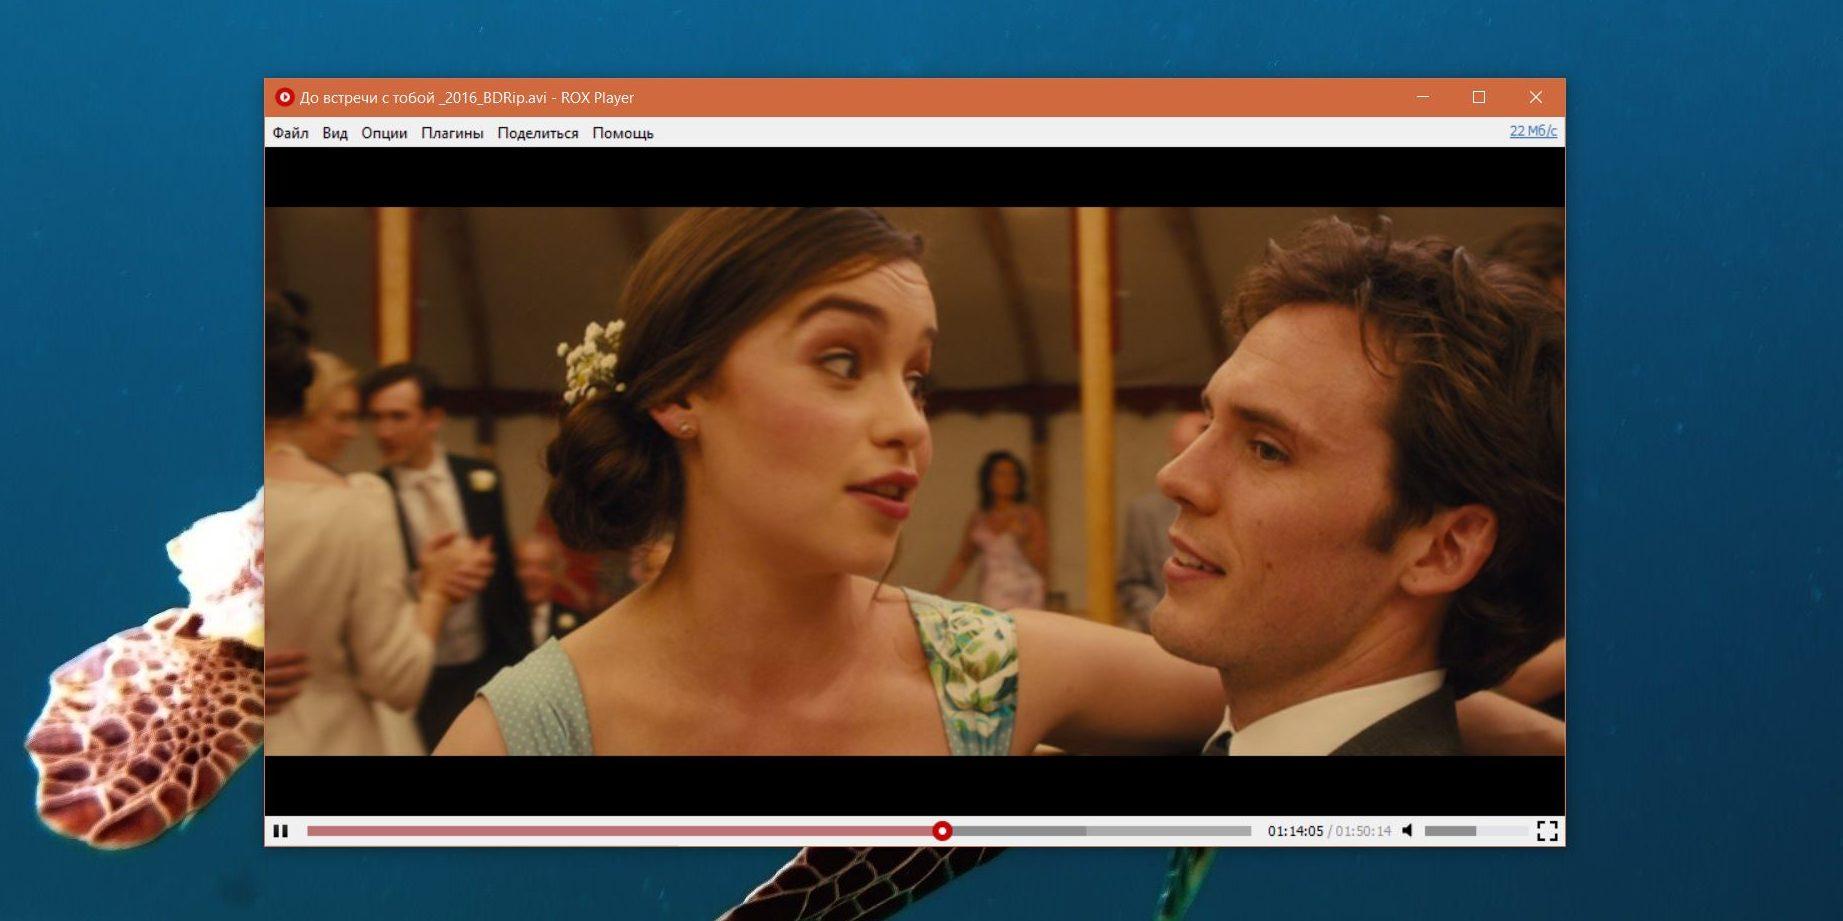 Смотреть фильм через торрент: Перемотка в ROX Player